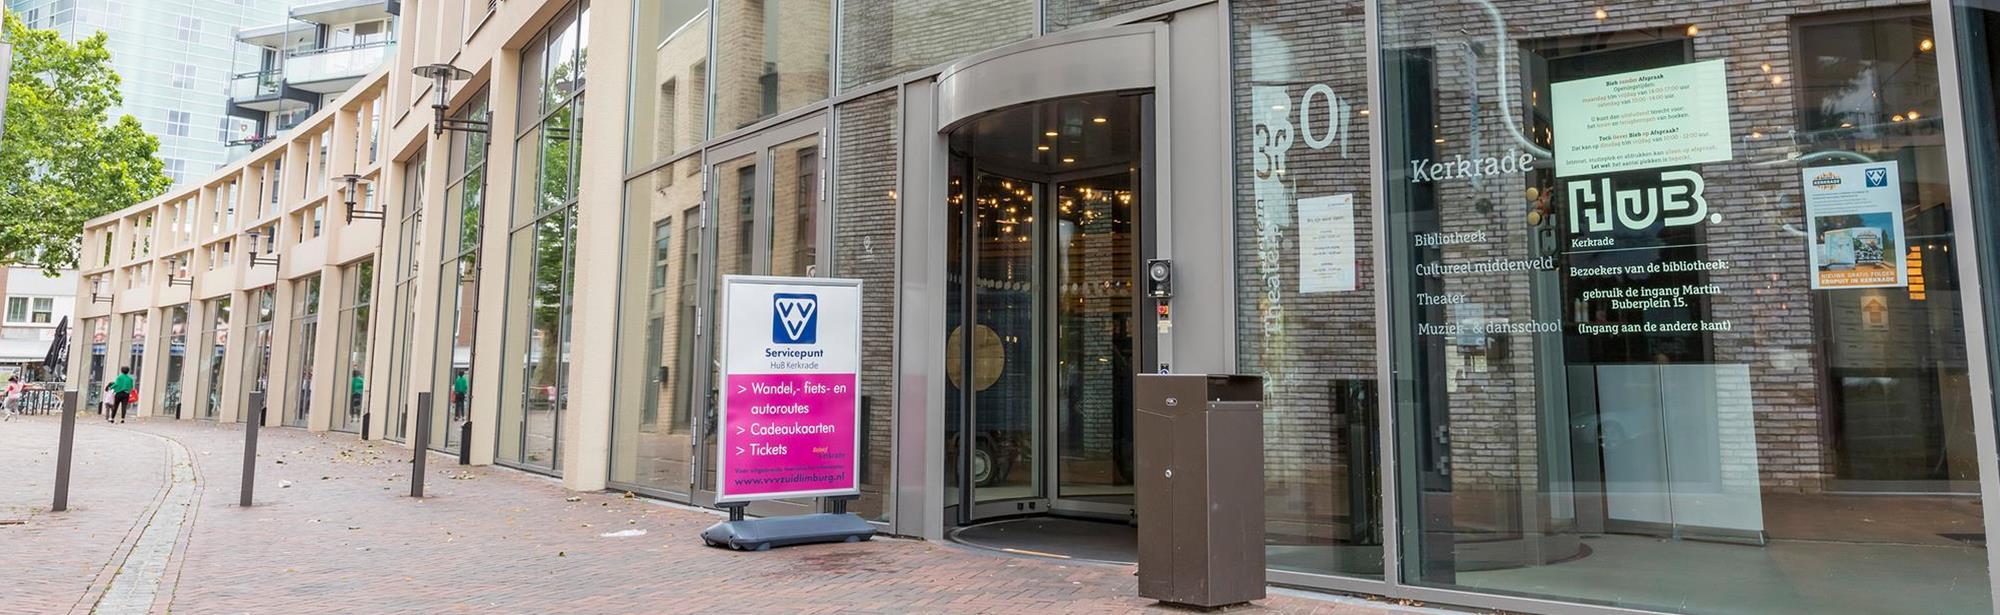 Visit Zuid-Limburg Servicepunt Kerkrade, HuB Kerkrade